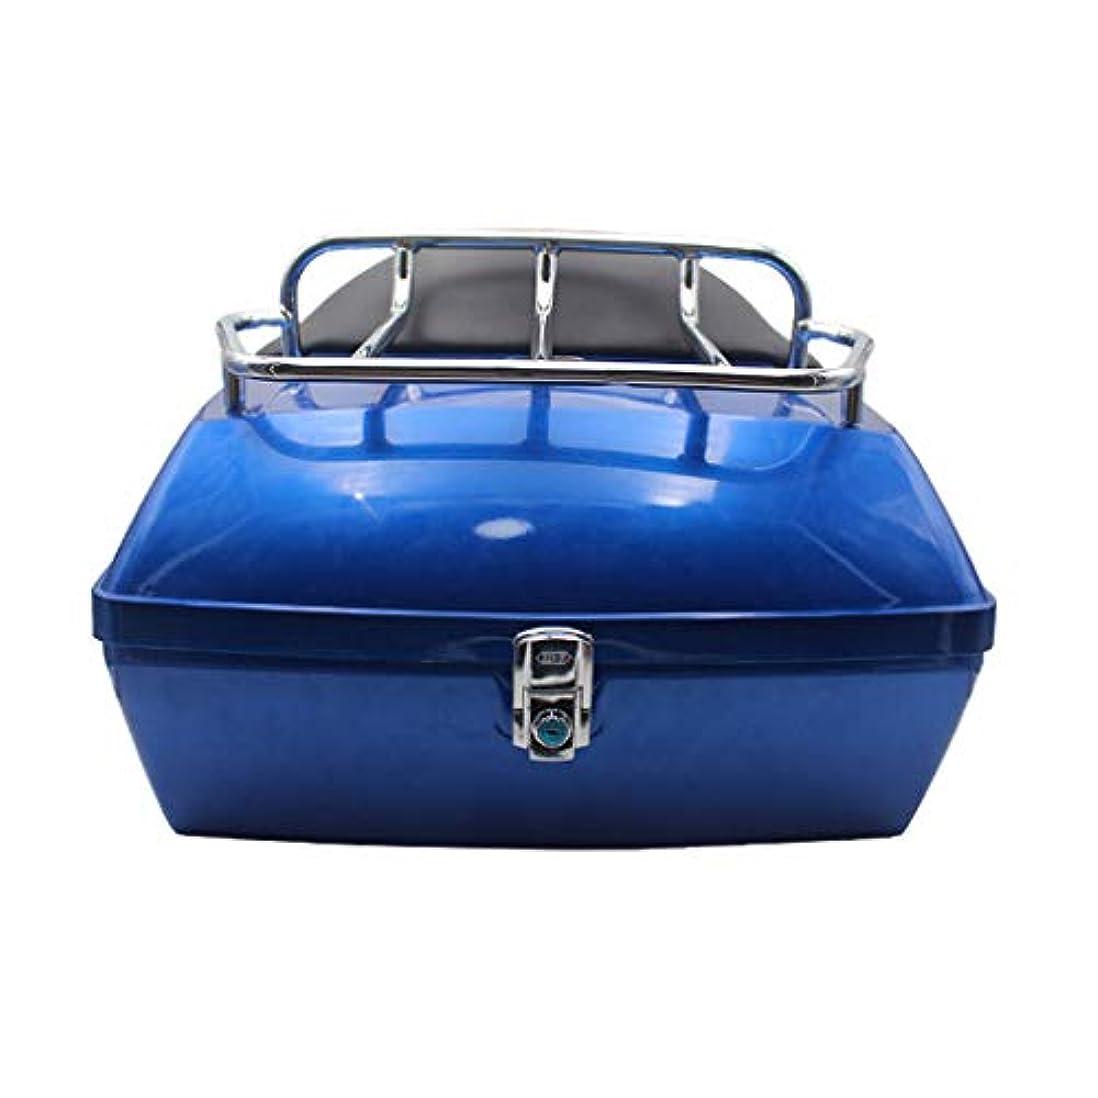 協同フラグラント累計オートバイのテールボックス、棚付き背もたれ付き48 L電気自動車トランク、ユニバーサルバイクトランクヘルメット収納ボックス